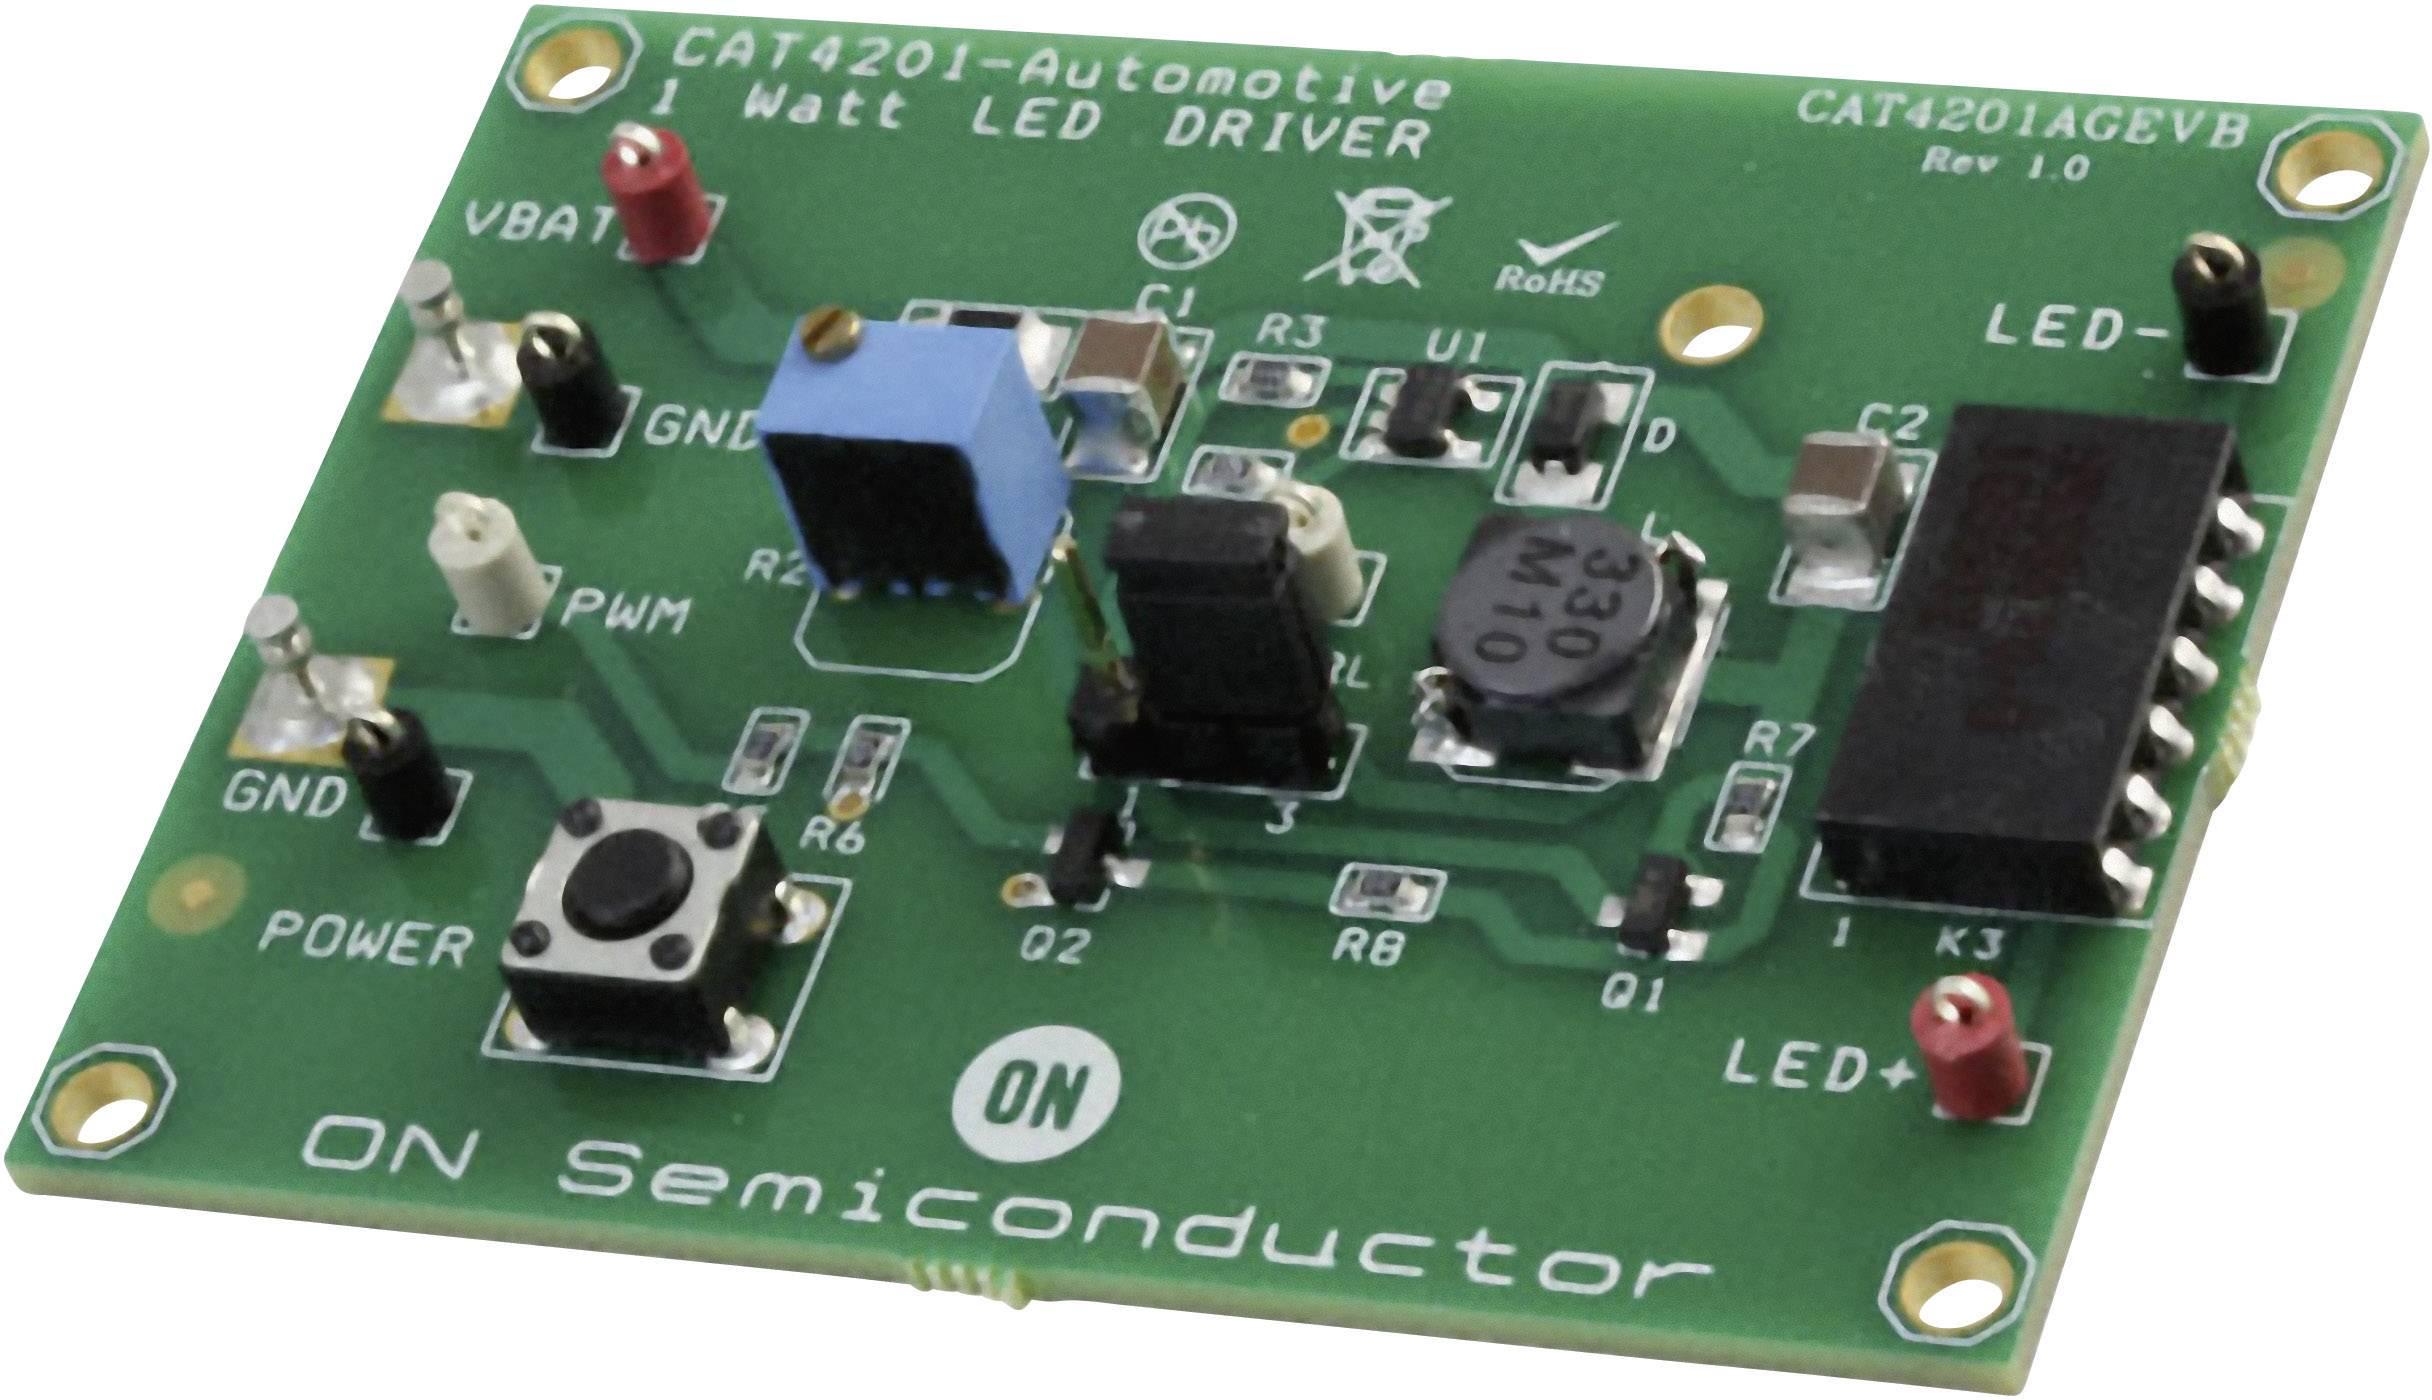 Vývojová deska ON Semiconductor CAT4201AGEVB